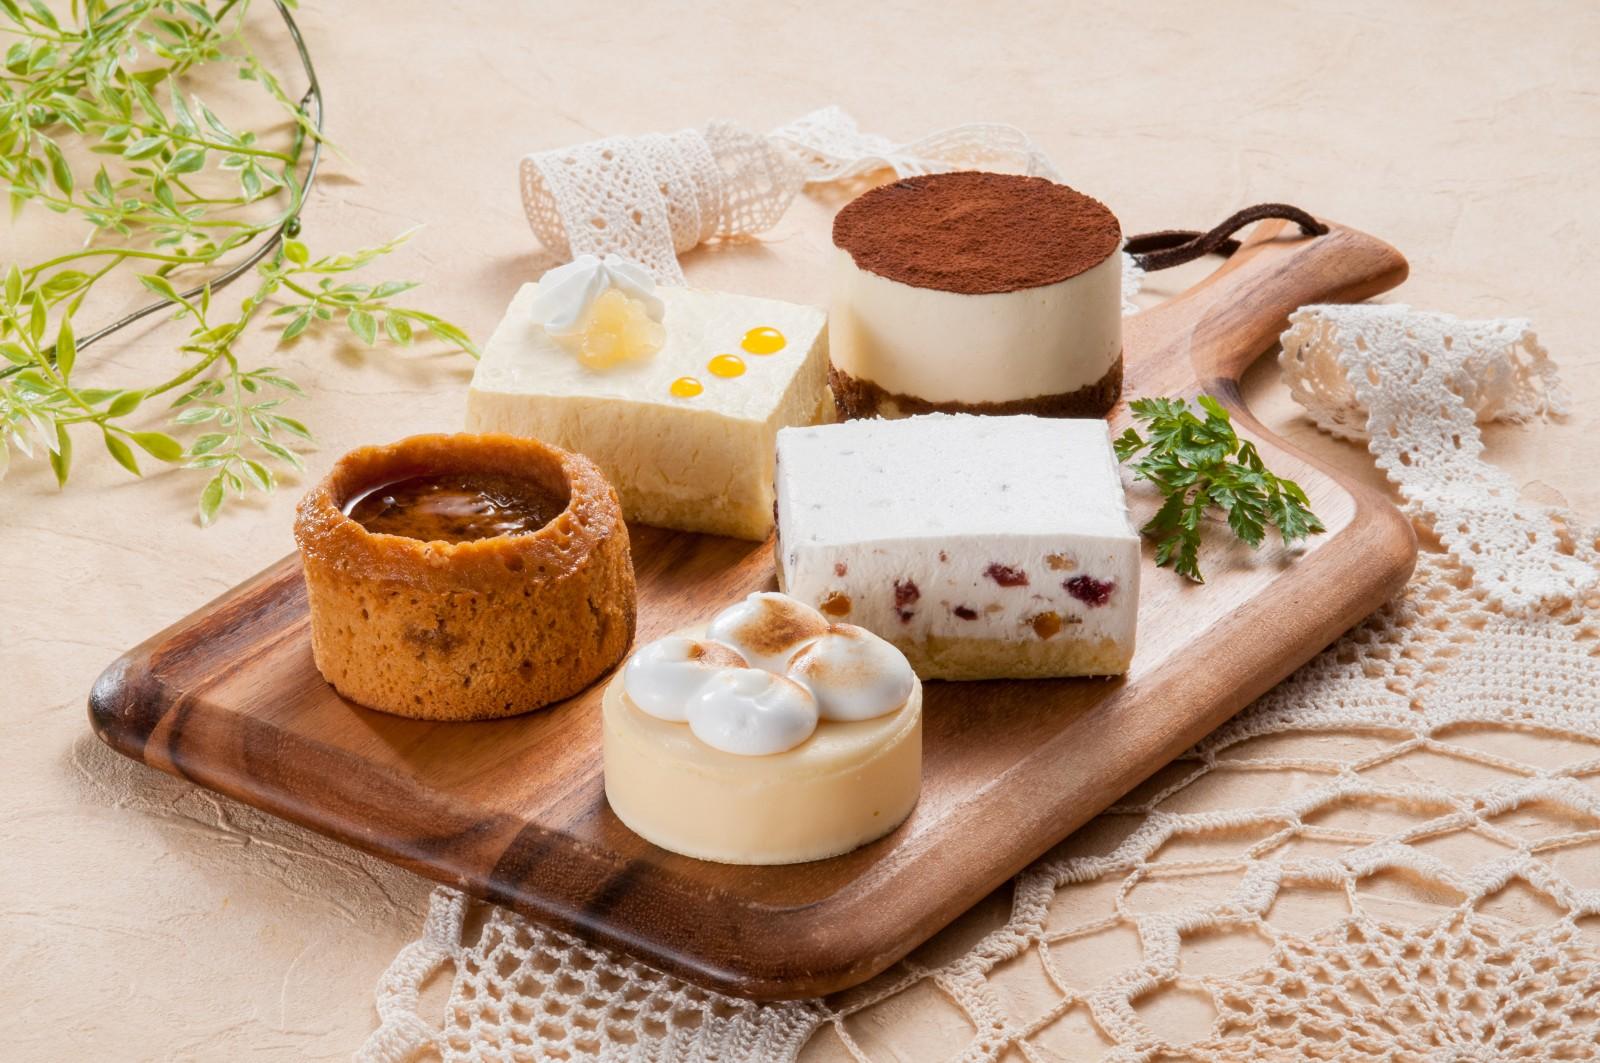 アイスではなくチルドのケーキでもない「フローズンデザート」 新商品(三菱食品)